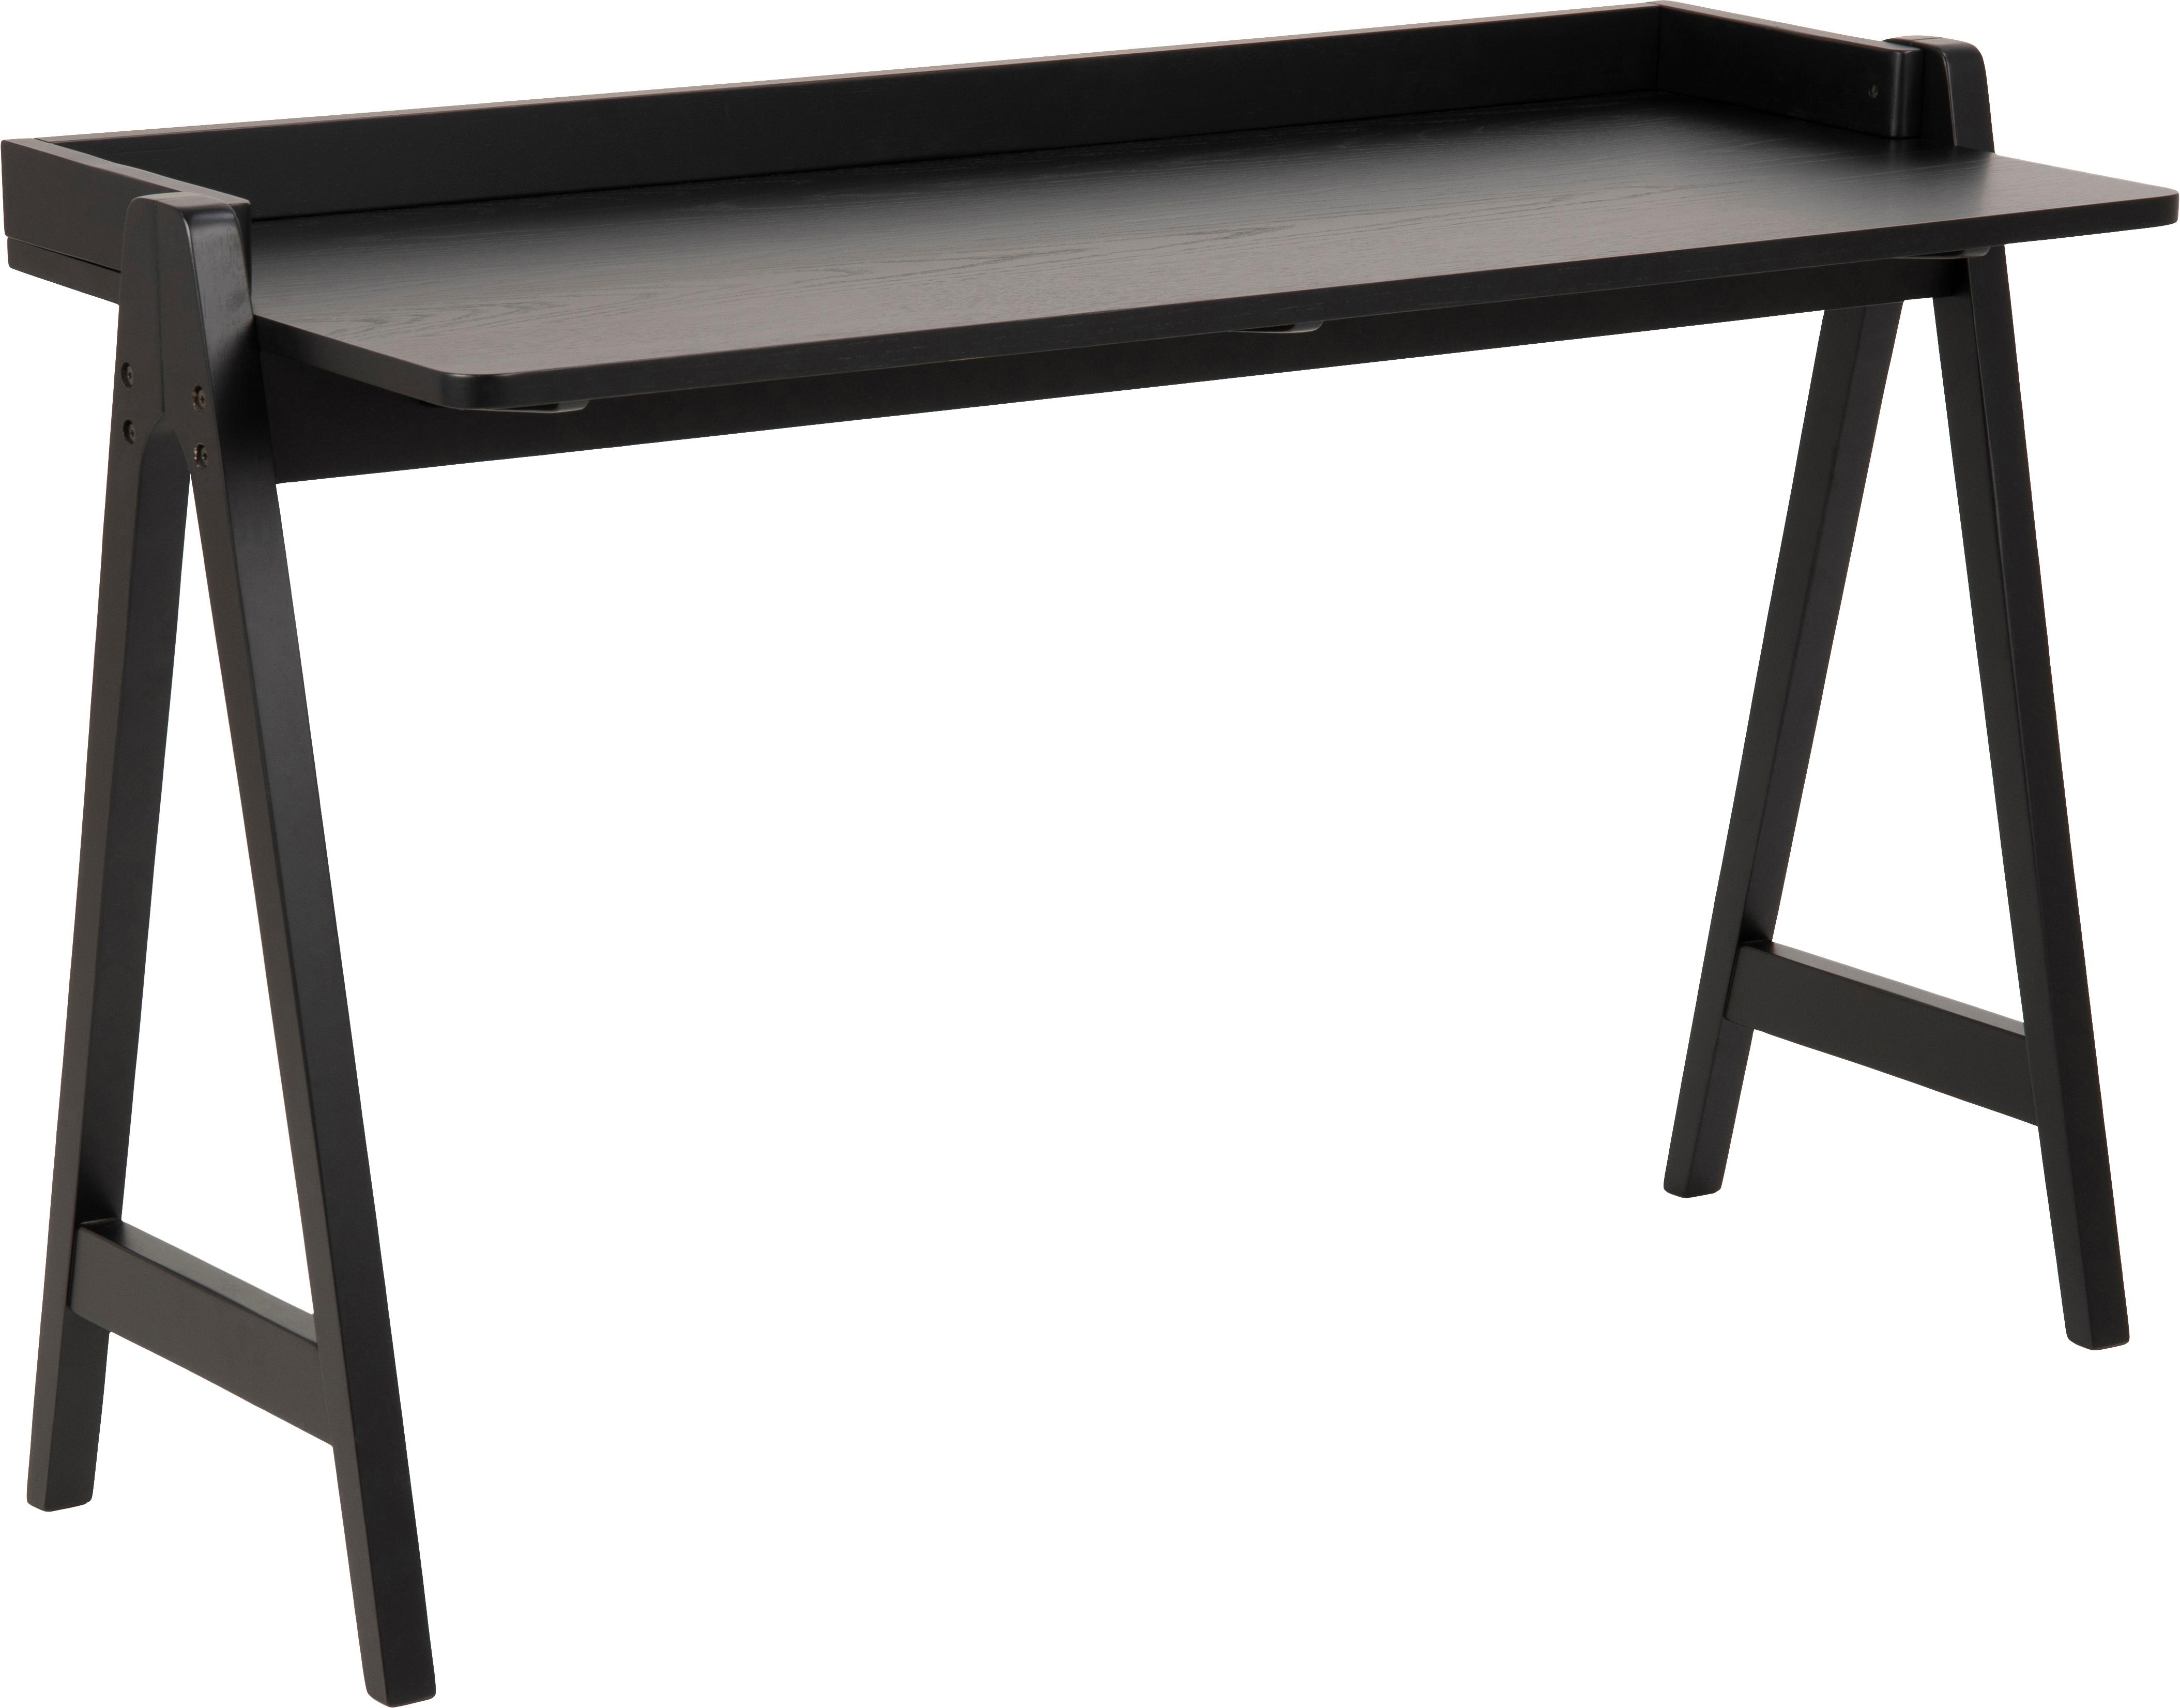 Moderner Schreibtisch Miso, Mitteldichte Holzfaserplatte (MDF), gebeizt Gummibaumholz, lackiert, Schwarz, B 127 x T 52 cm